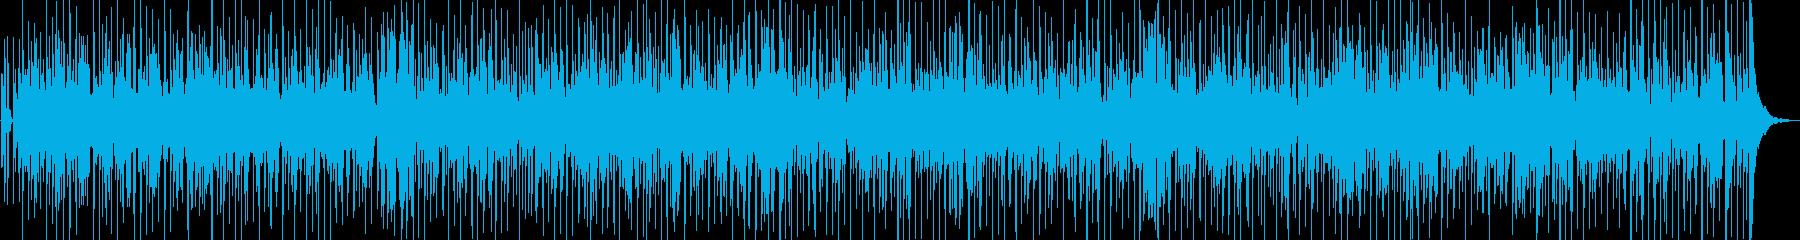 お洒落なファンクBGMの再生済みの波形